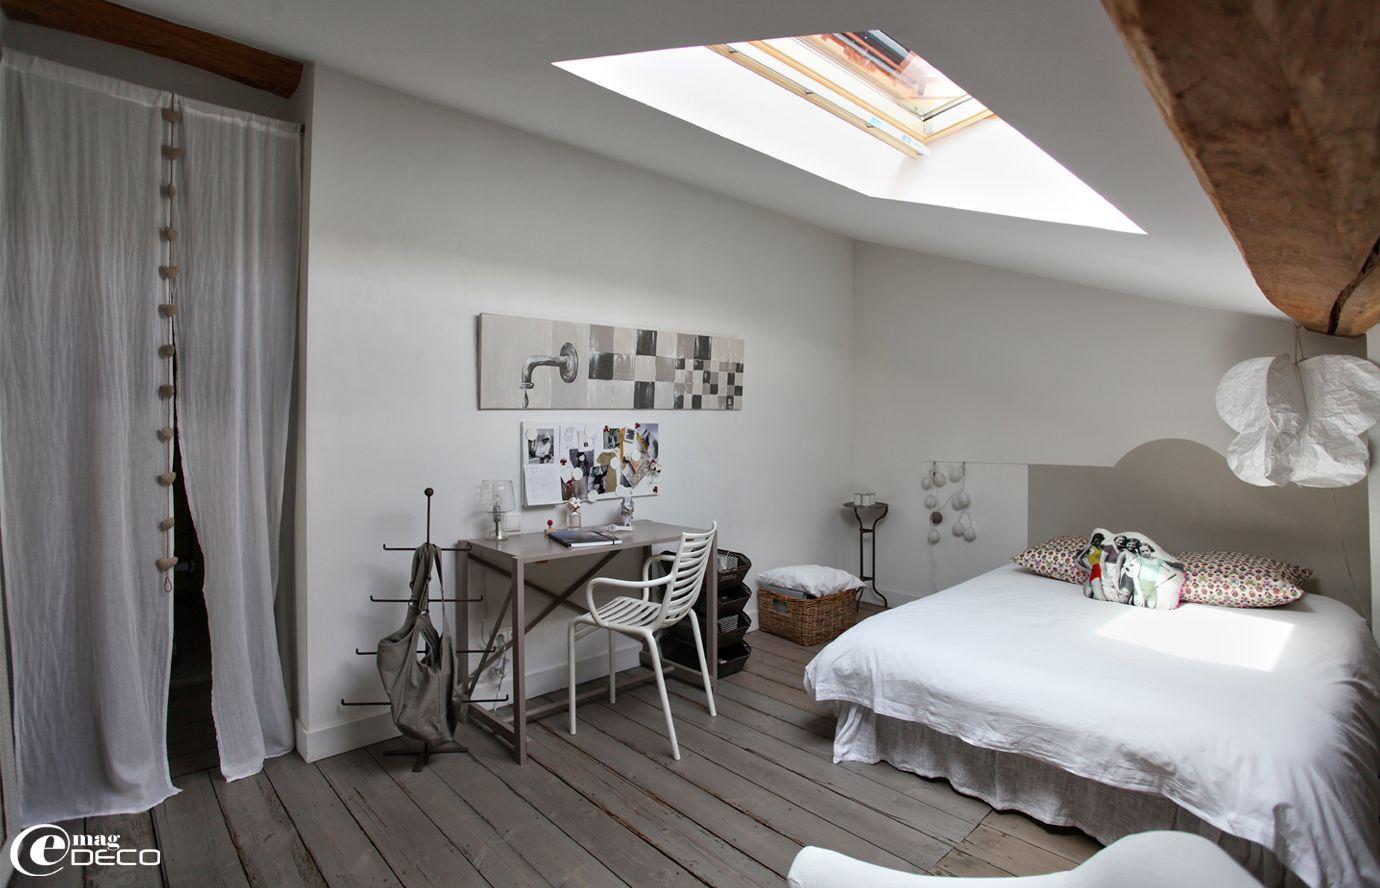 B atrice loncle simule une t te de lit avec de la peinture for Recherche decoration maison